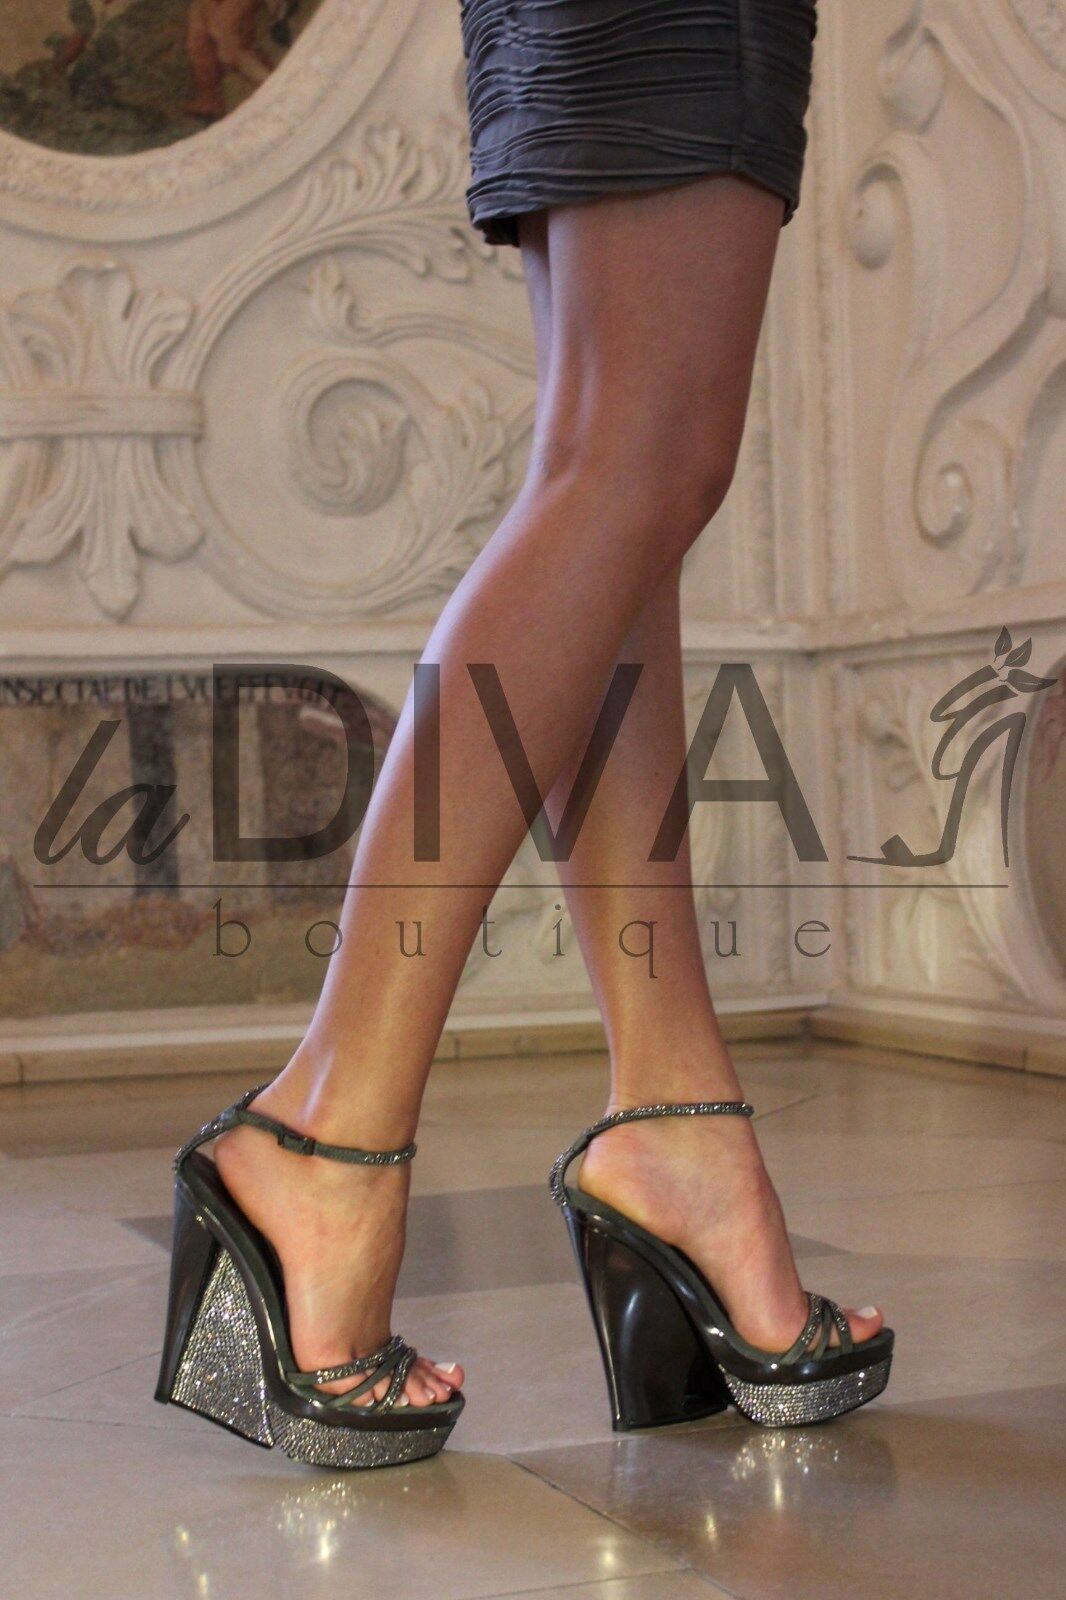 ALBERTO VENTURINI   Keil Pumps Sandalette 36 grau Leder %SALE% OVP 239,-€